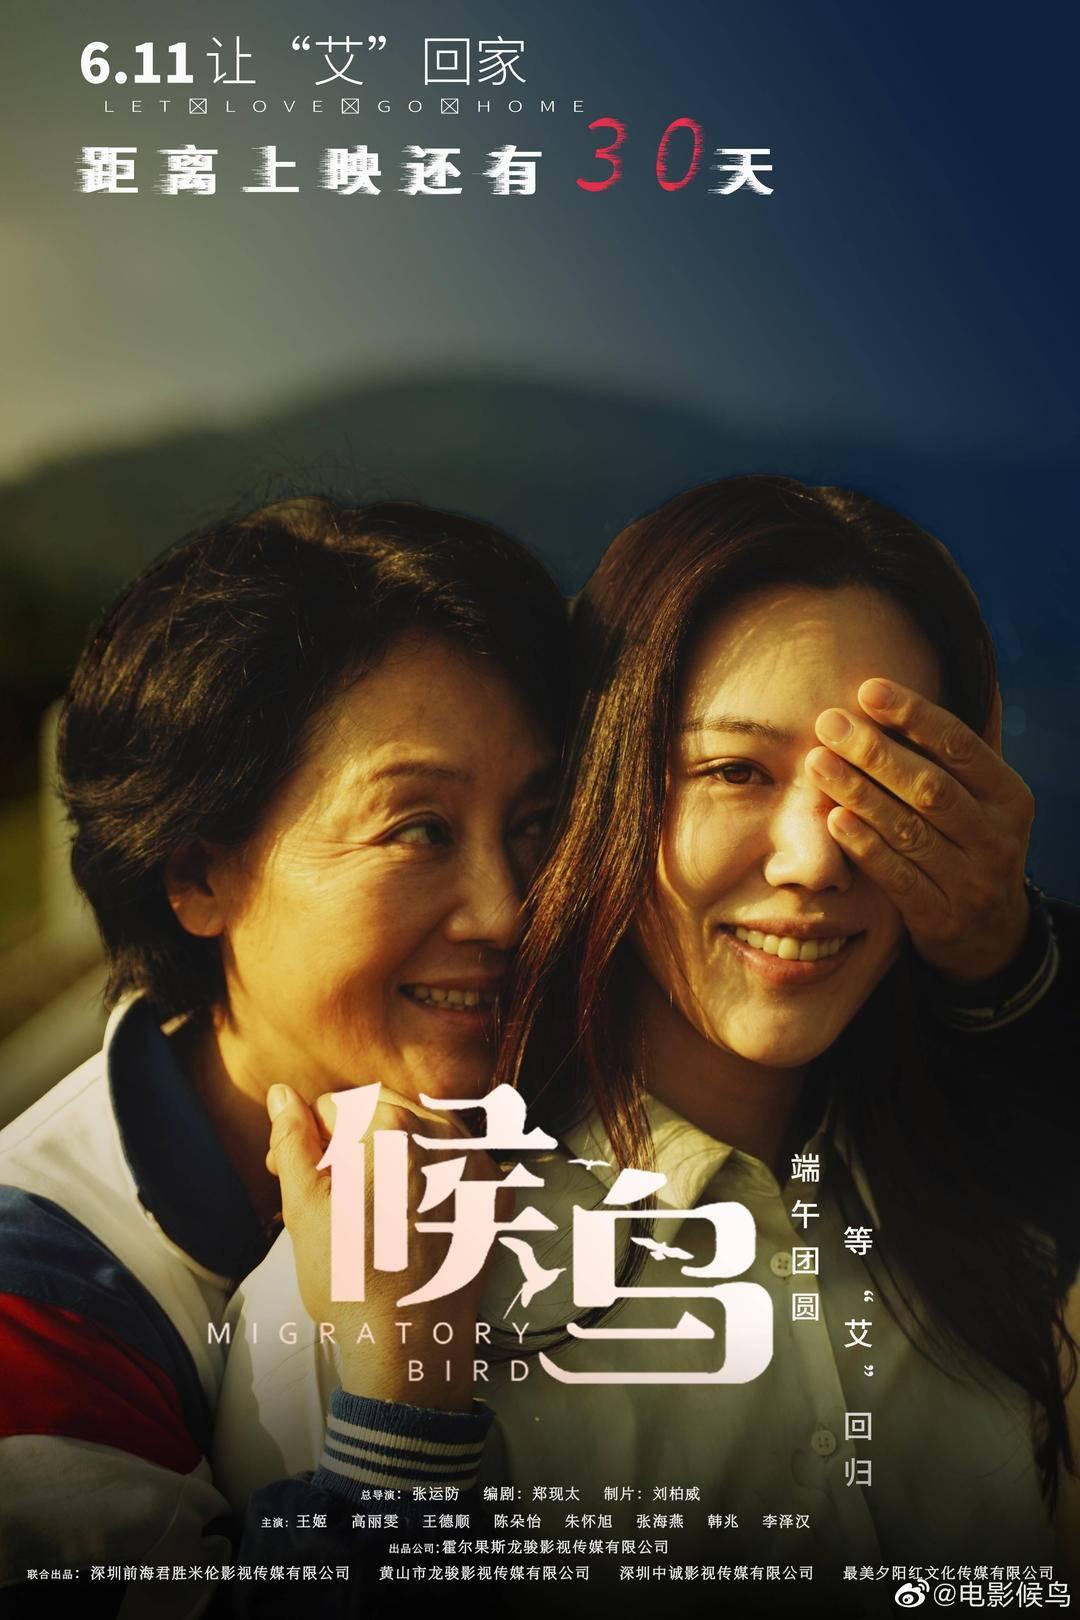 """王姬、高丽雯母女主演《候鸟》来宁路演,最适合带妈妈看的""""约会片""""来了!"""